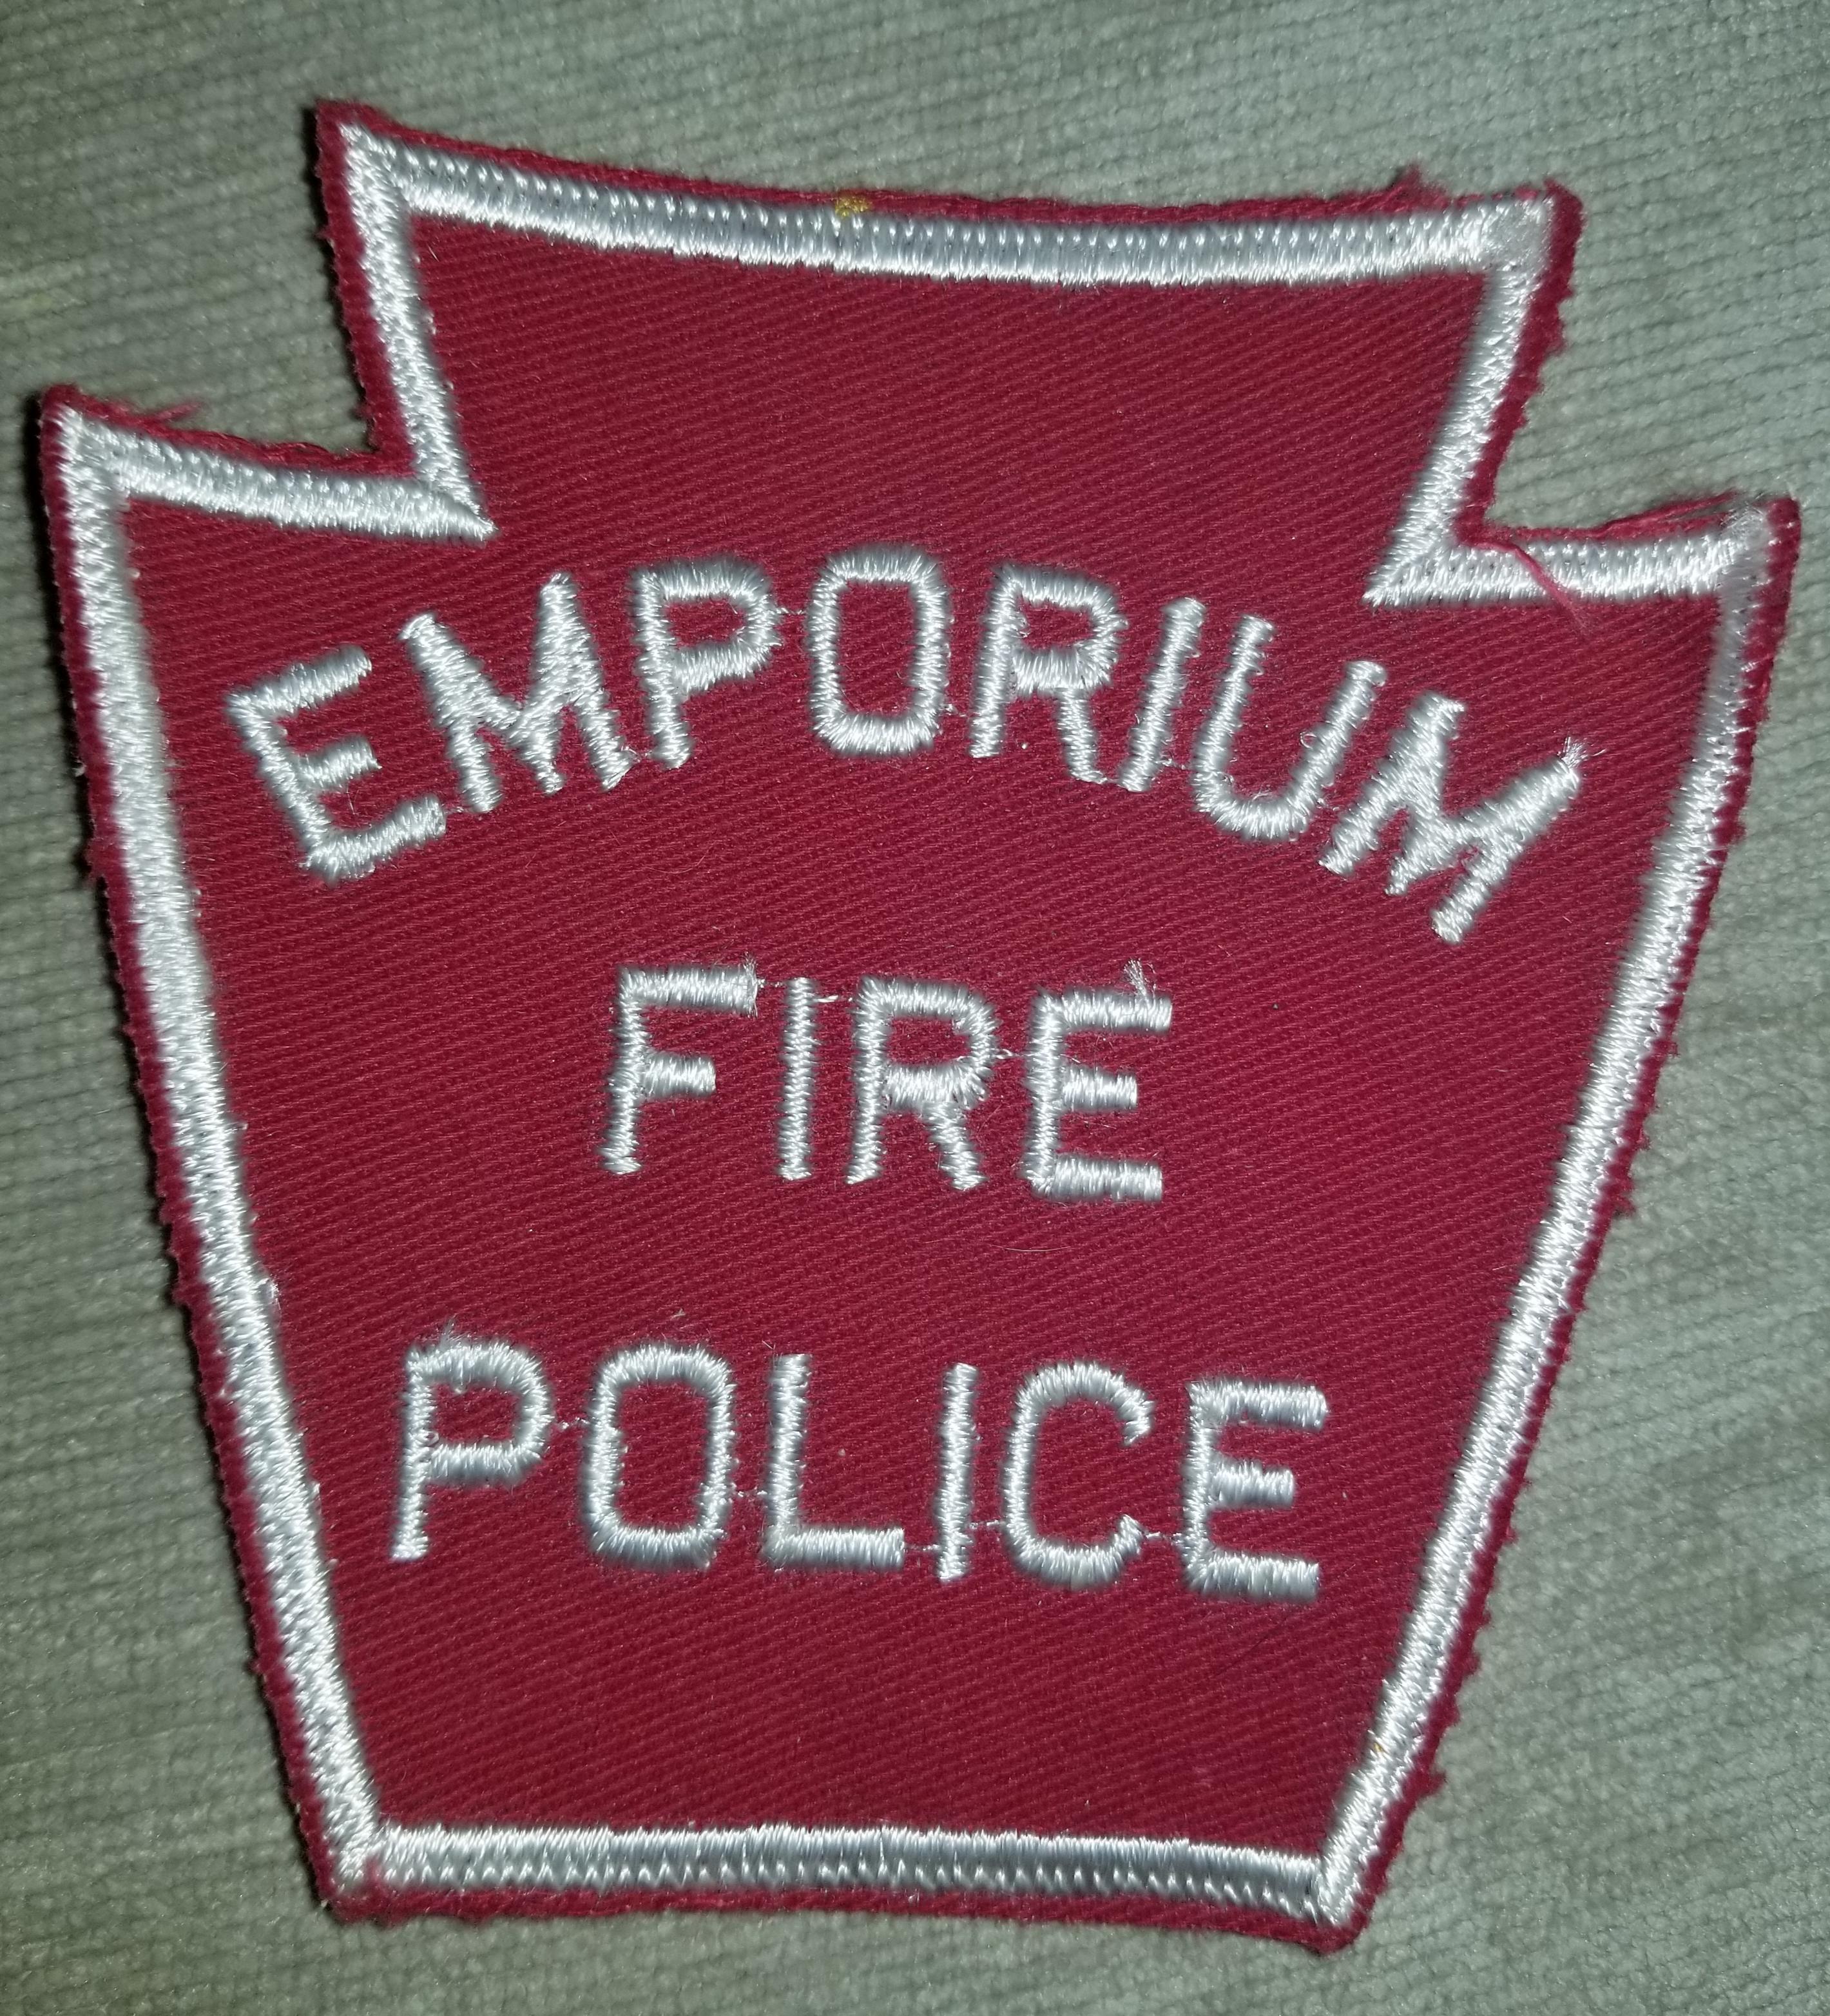 Emporium Fire Police PA